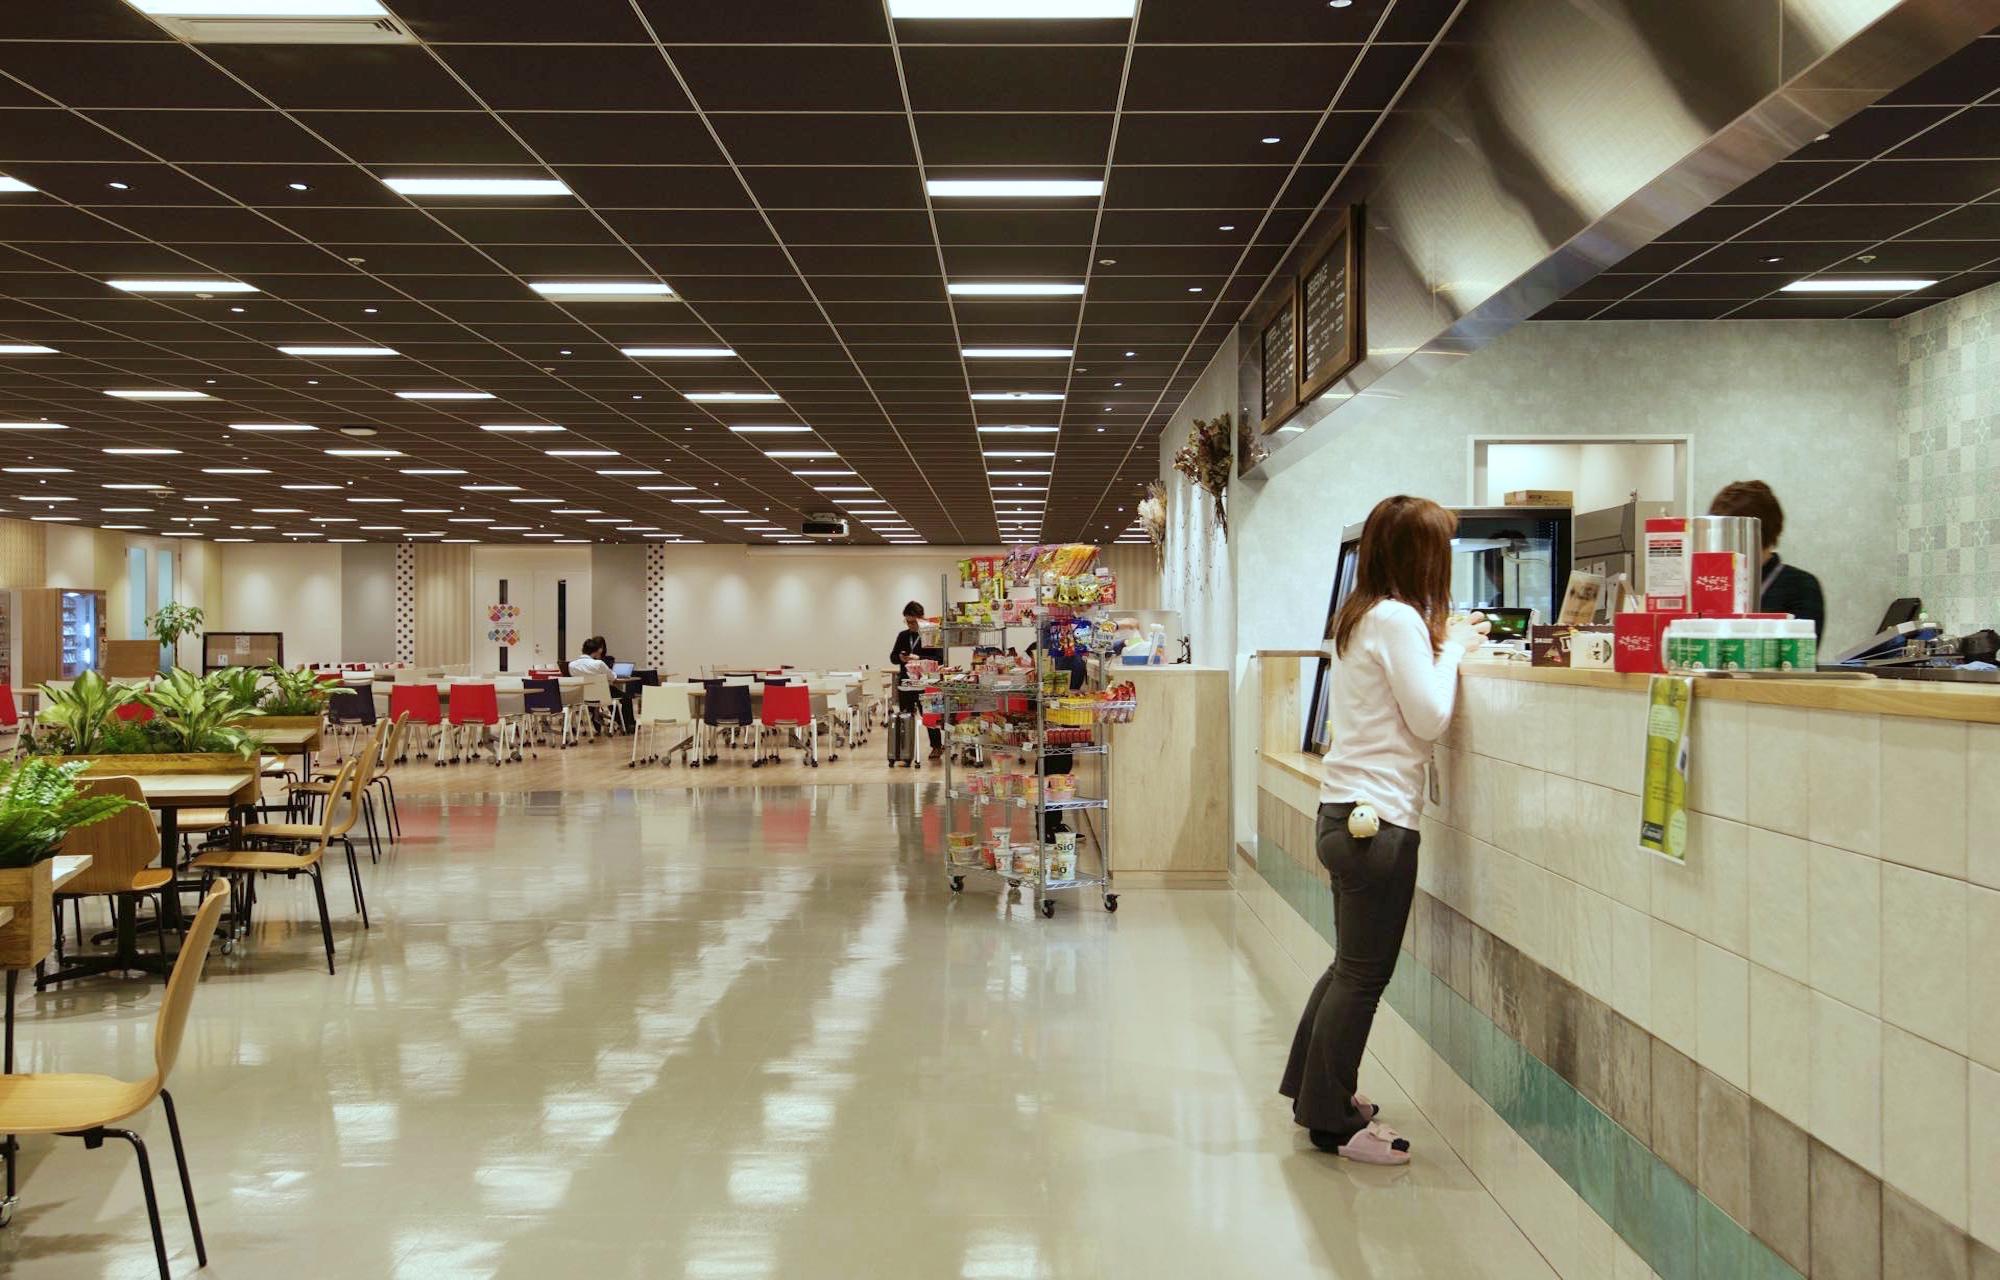 NHN テコラス株式会社 Cafe Corner デザイン・レイアウト事例